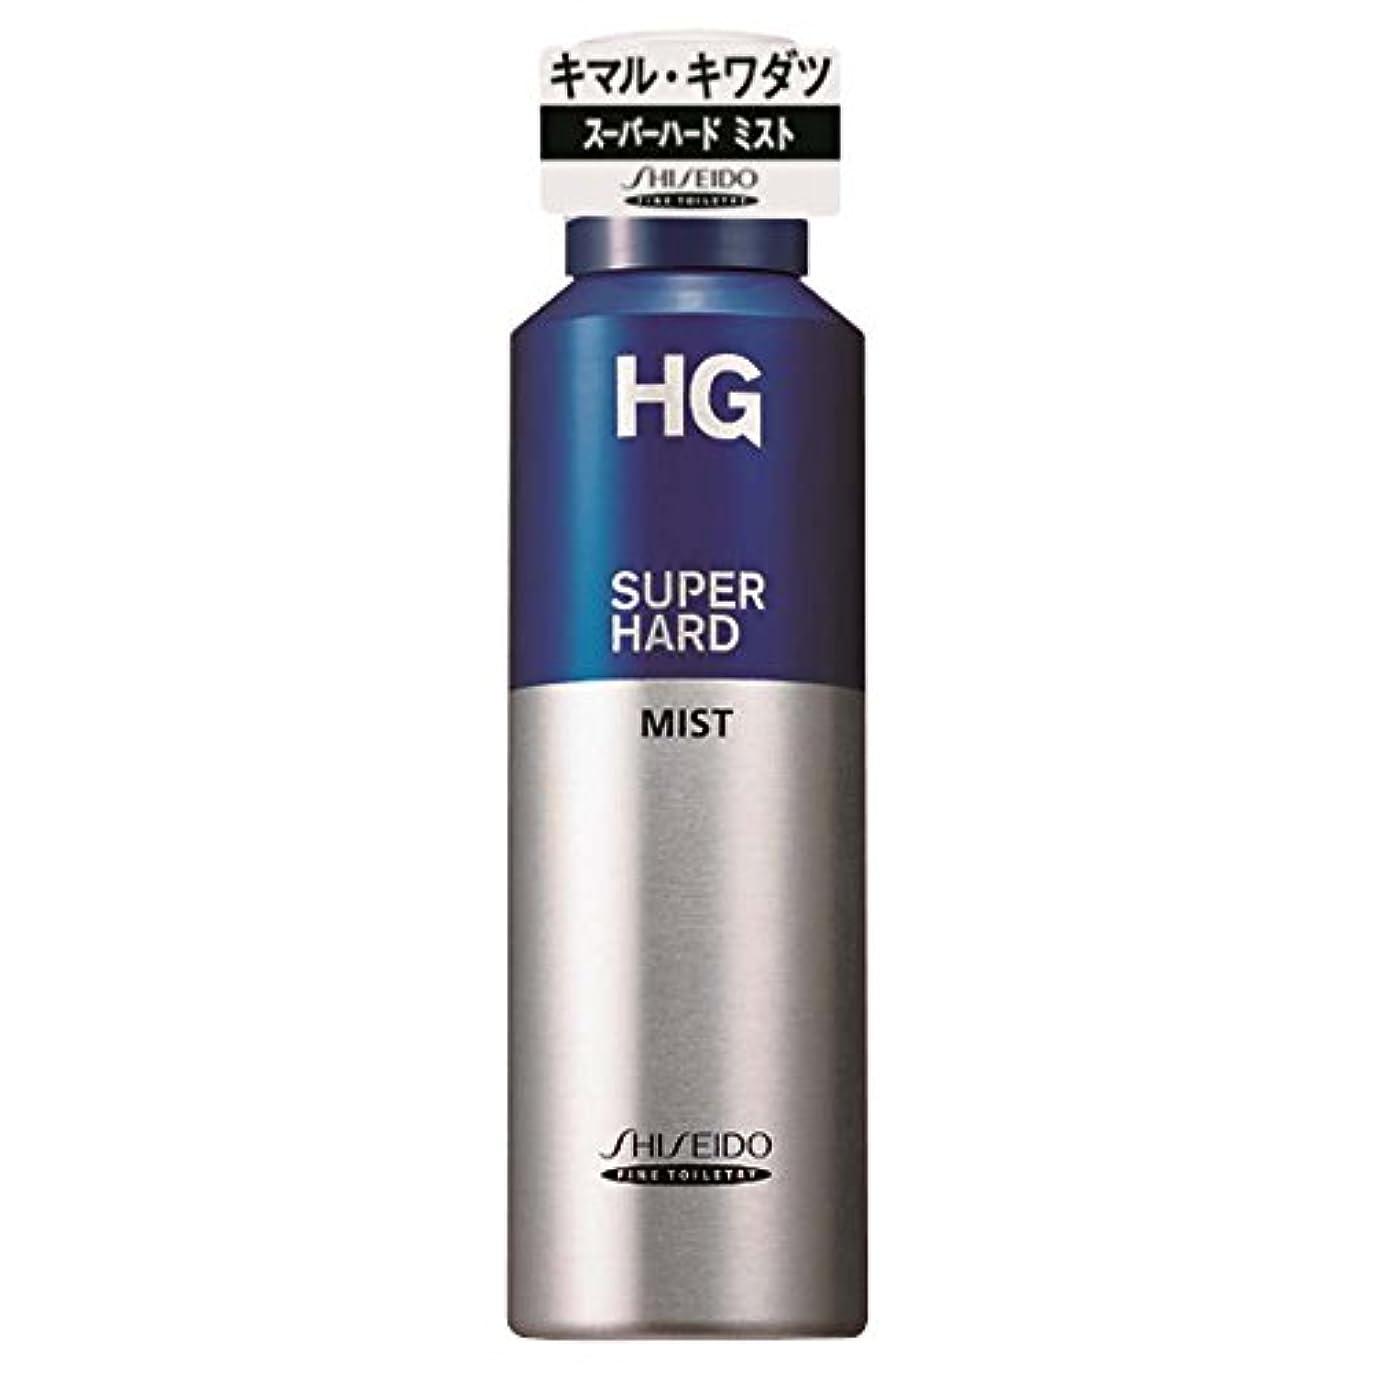 目に見える親教えるHG スーパーハードミストa 【HTRC3】